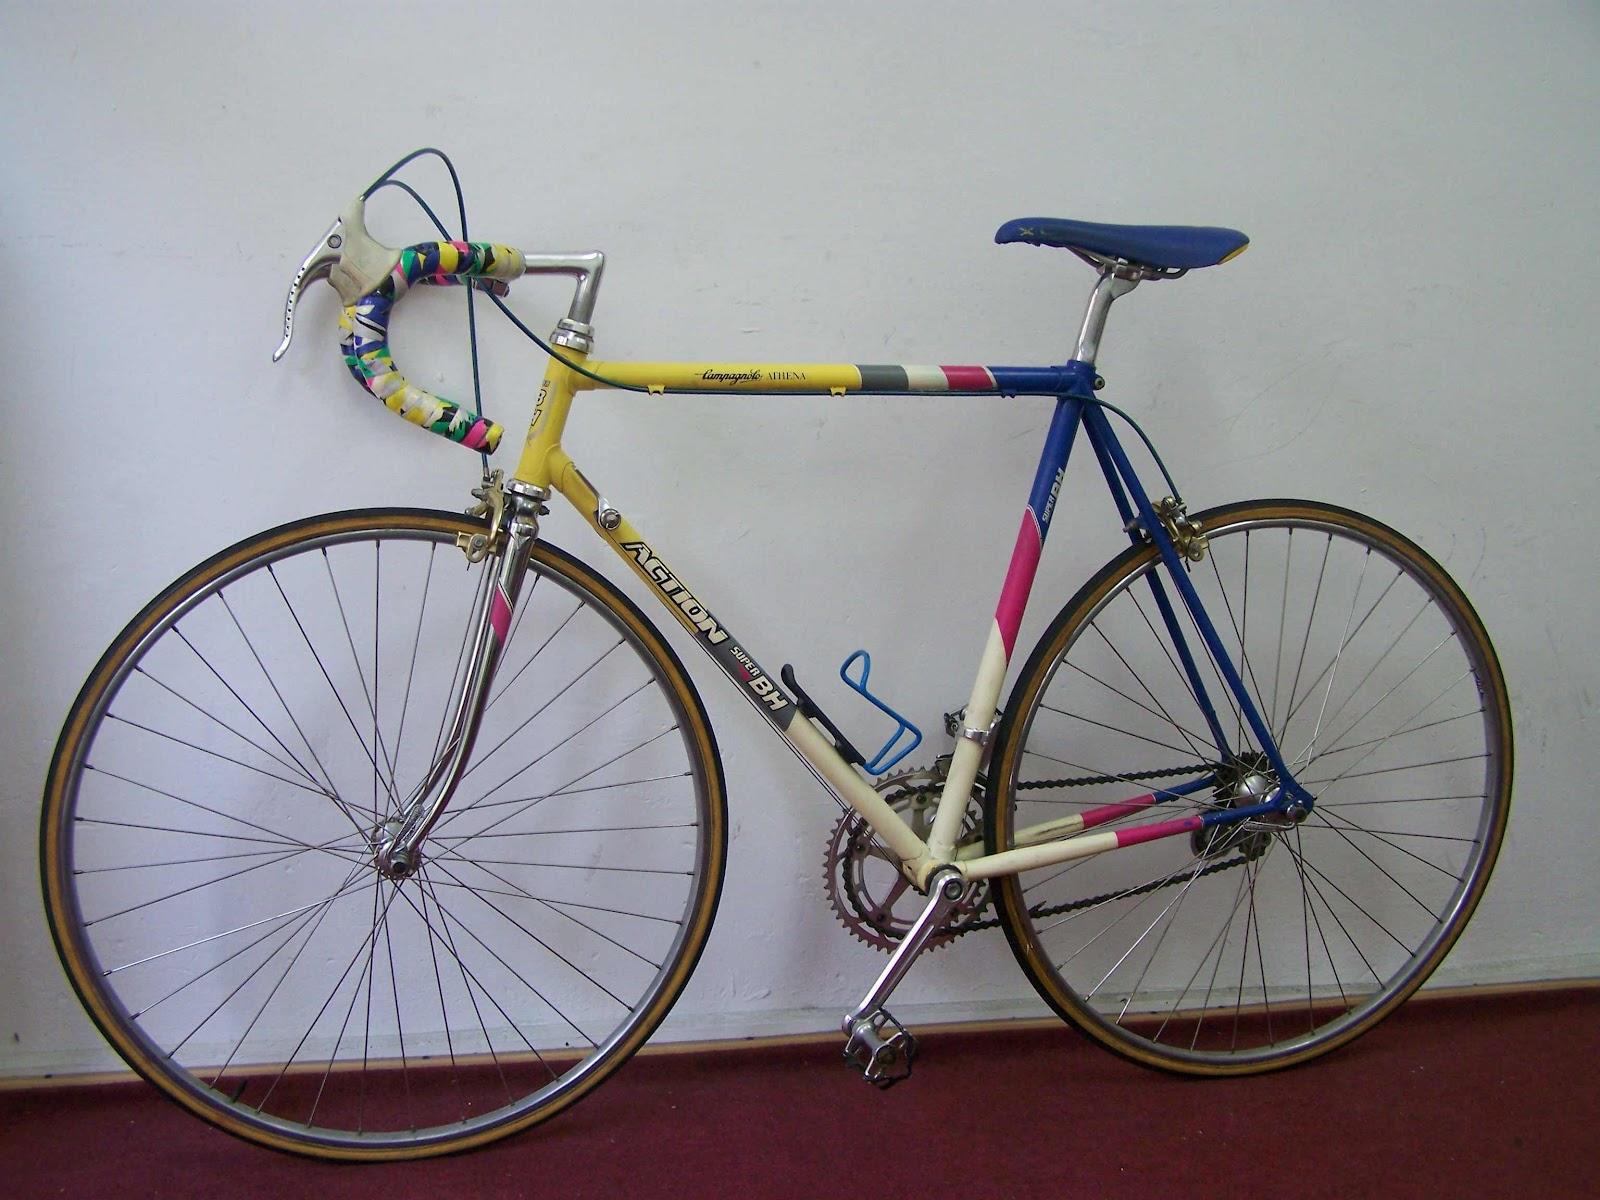 Modelos bicletas BH  (catalogo virtual) 11